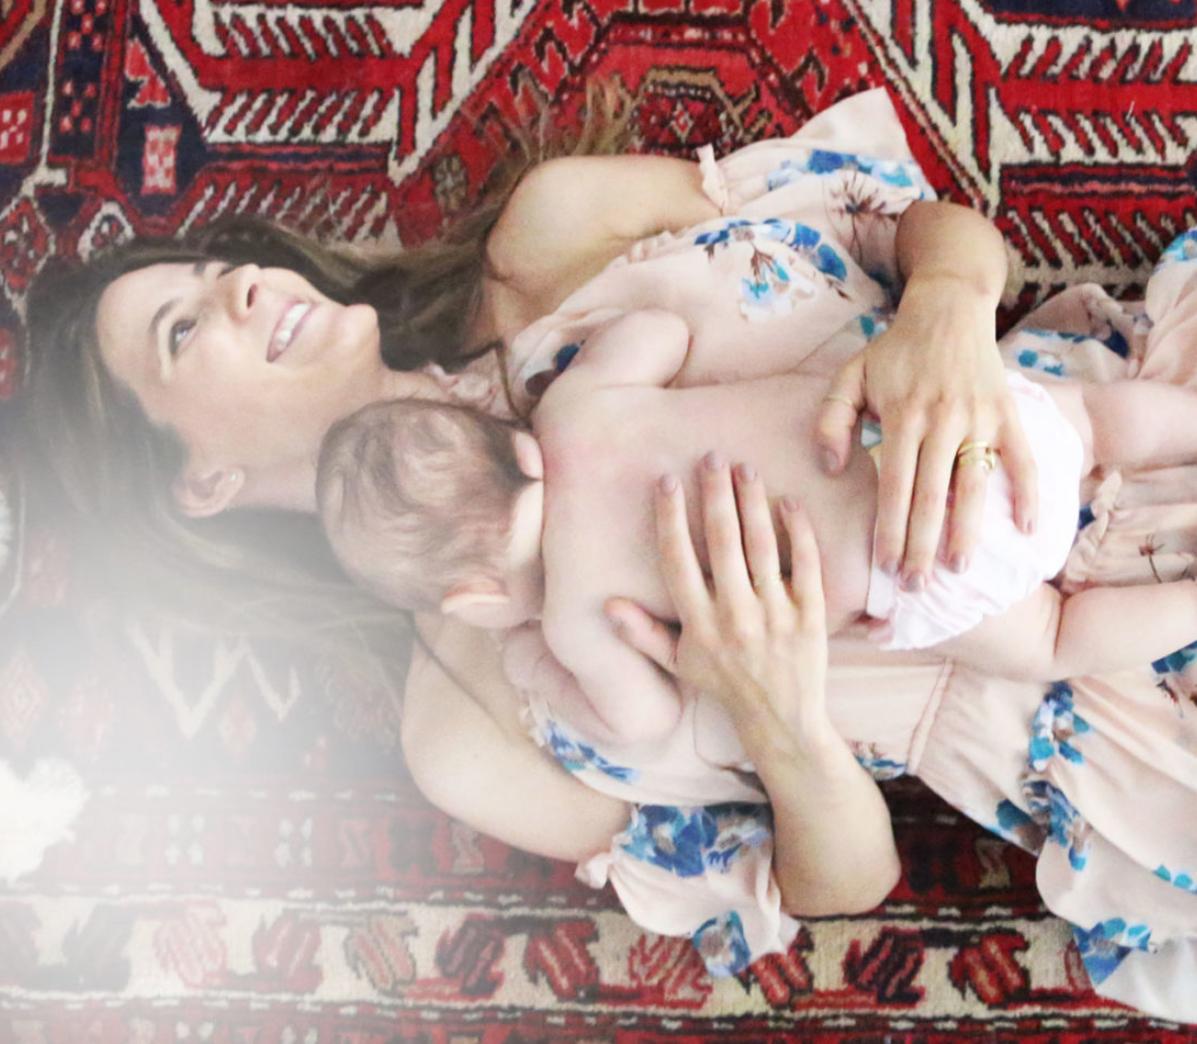 Mommy Blog or Fashion Magazine?